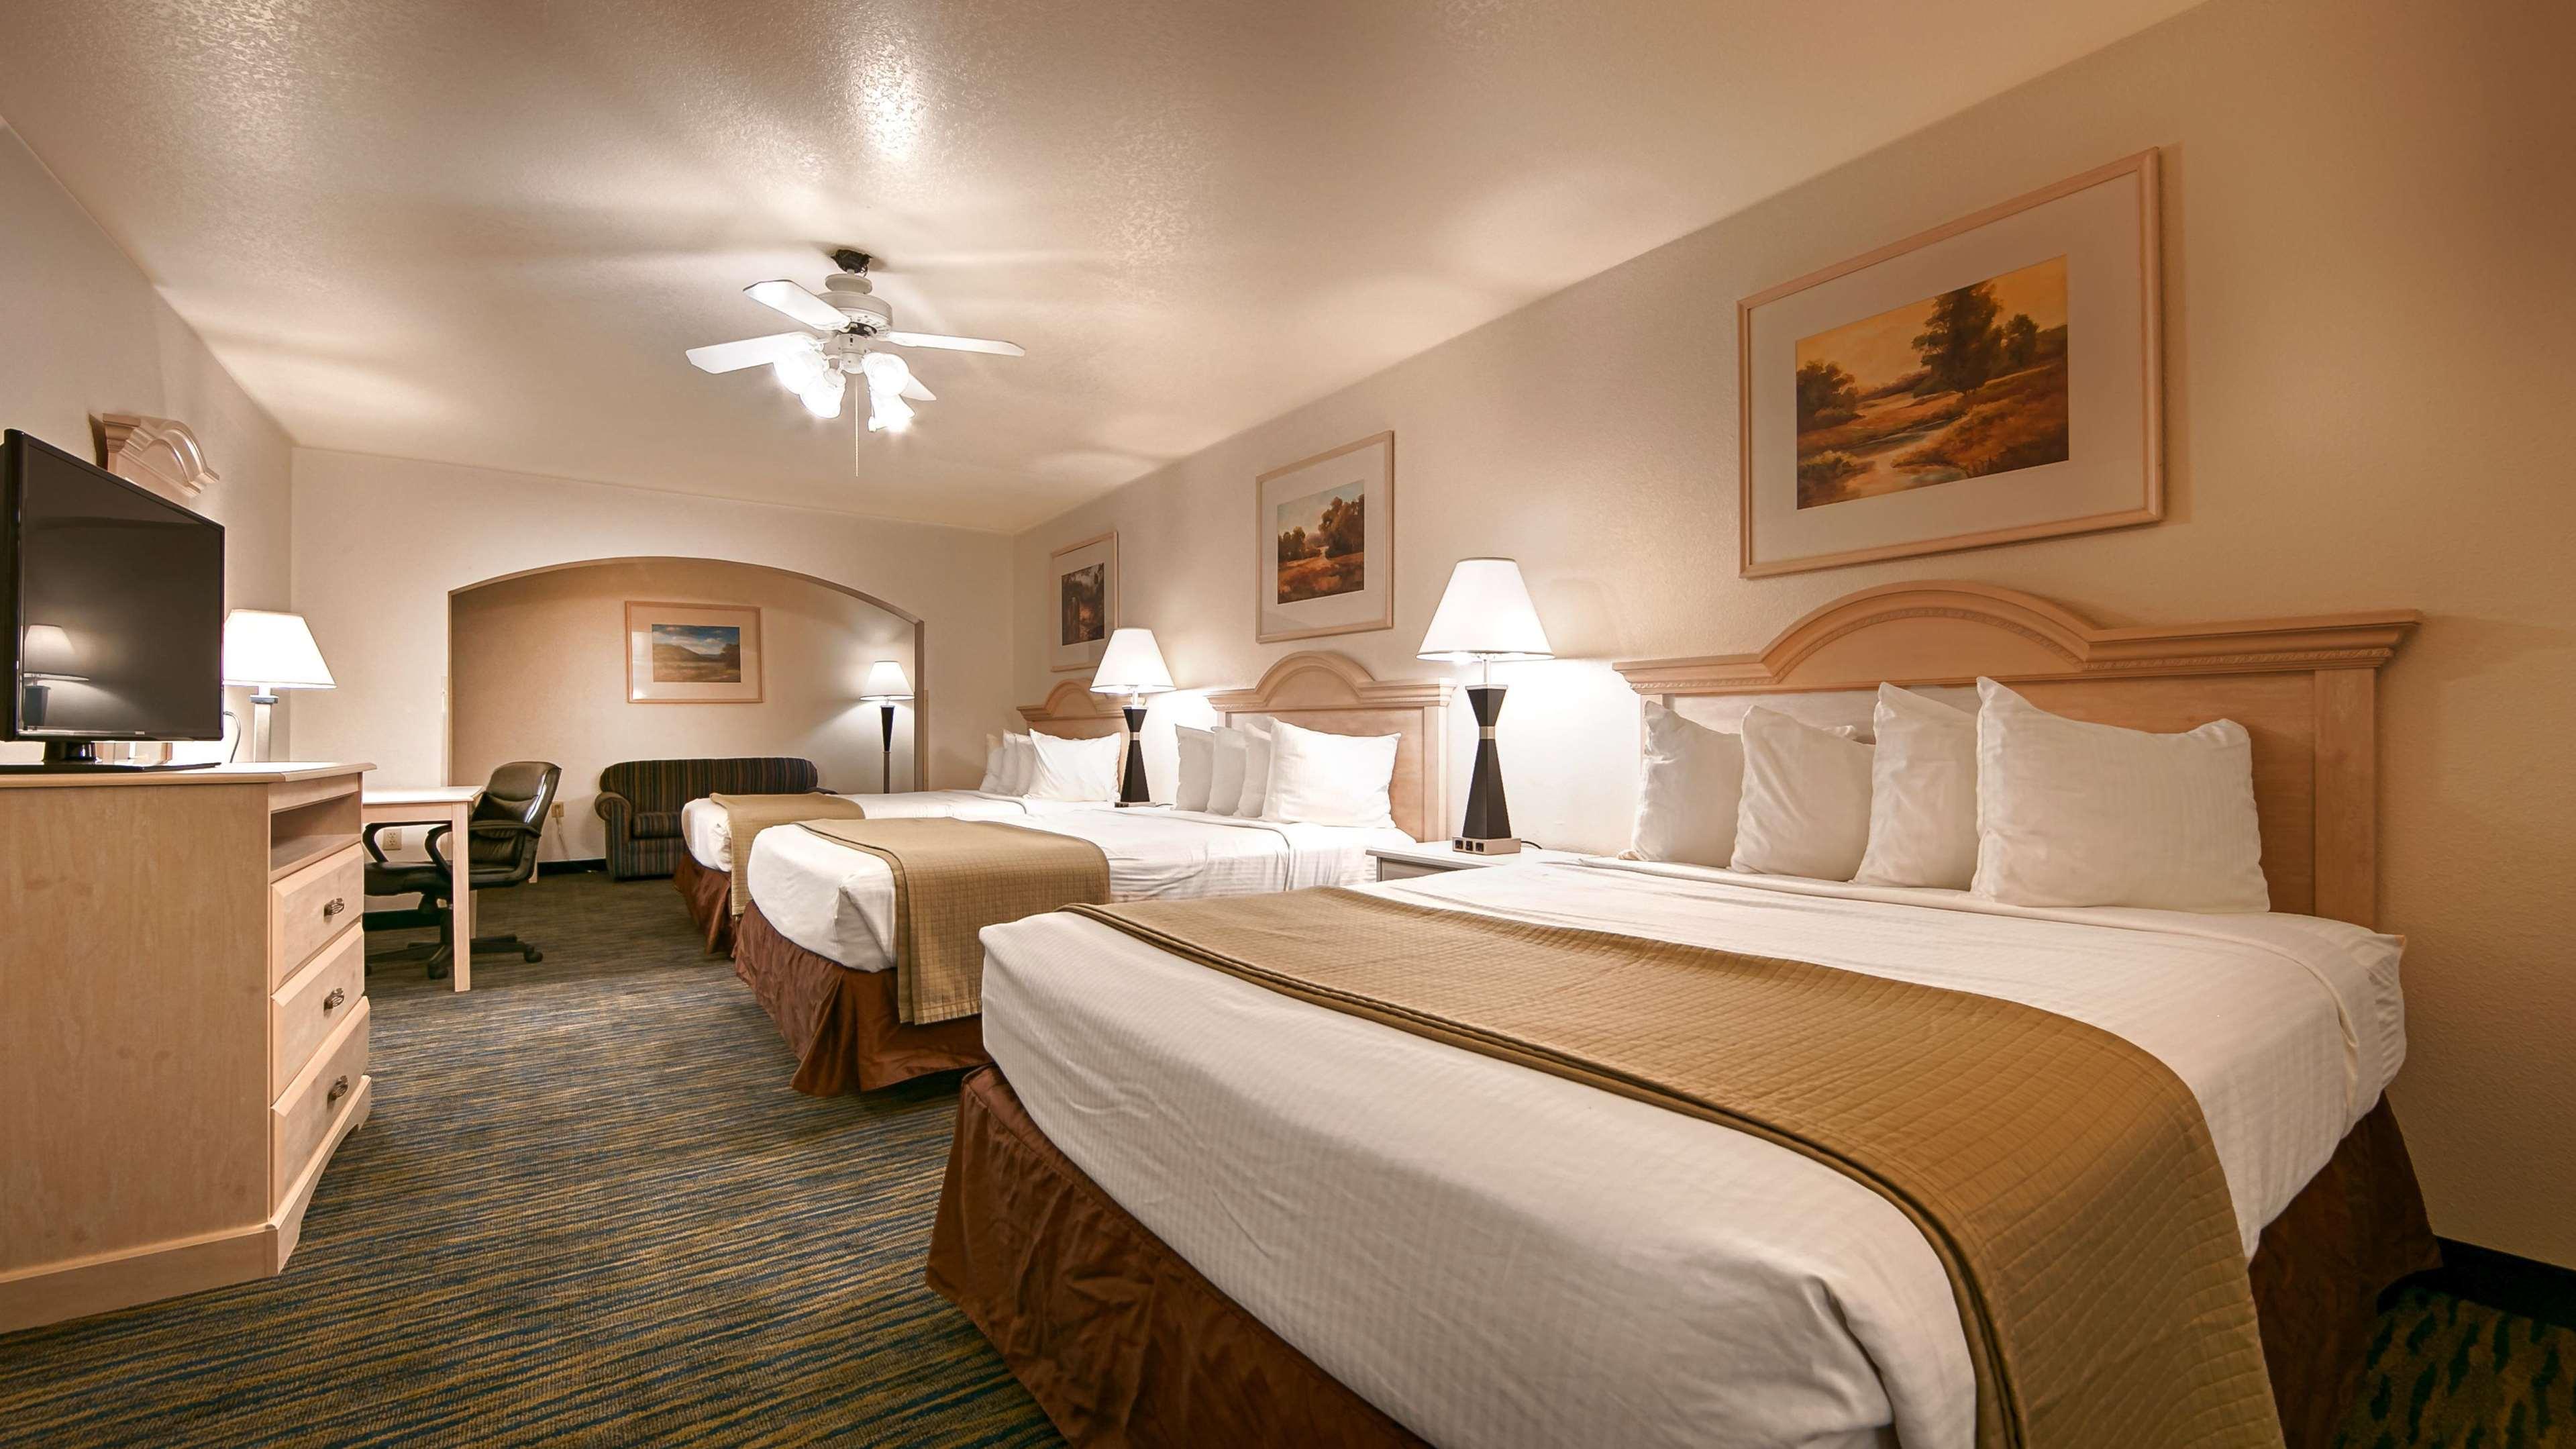 SureStay Hotel by Best Western Falfurrias image 34